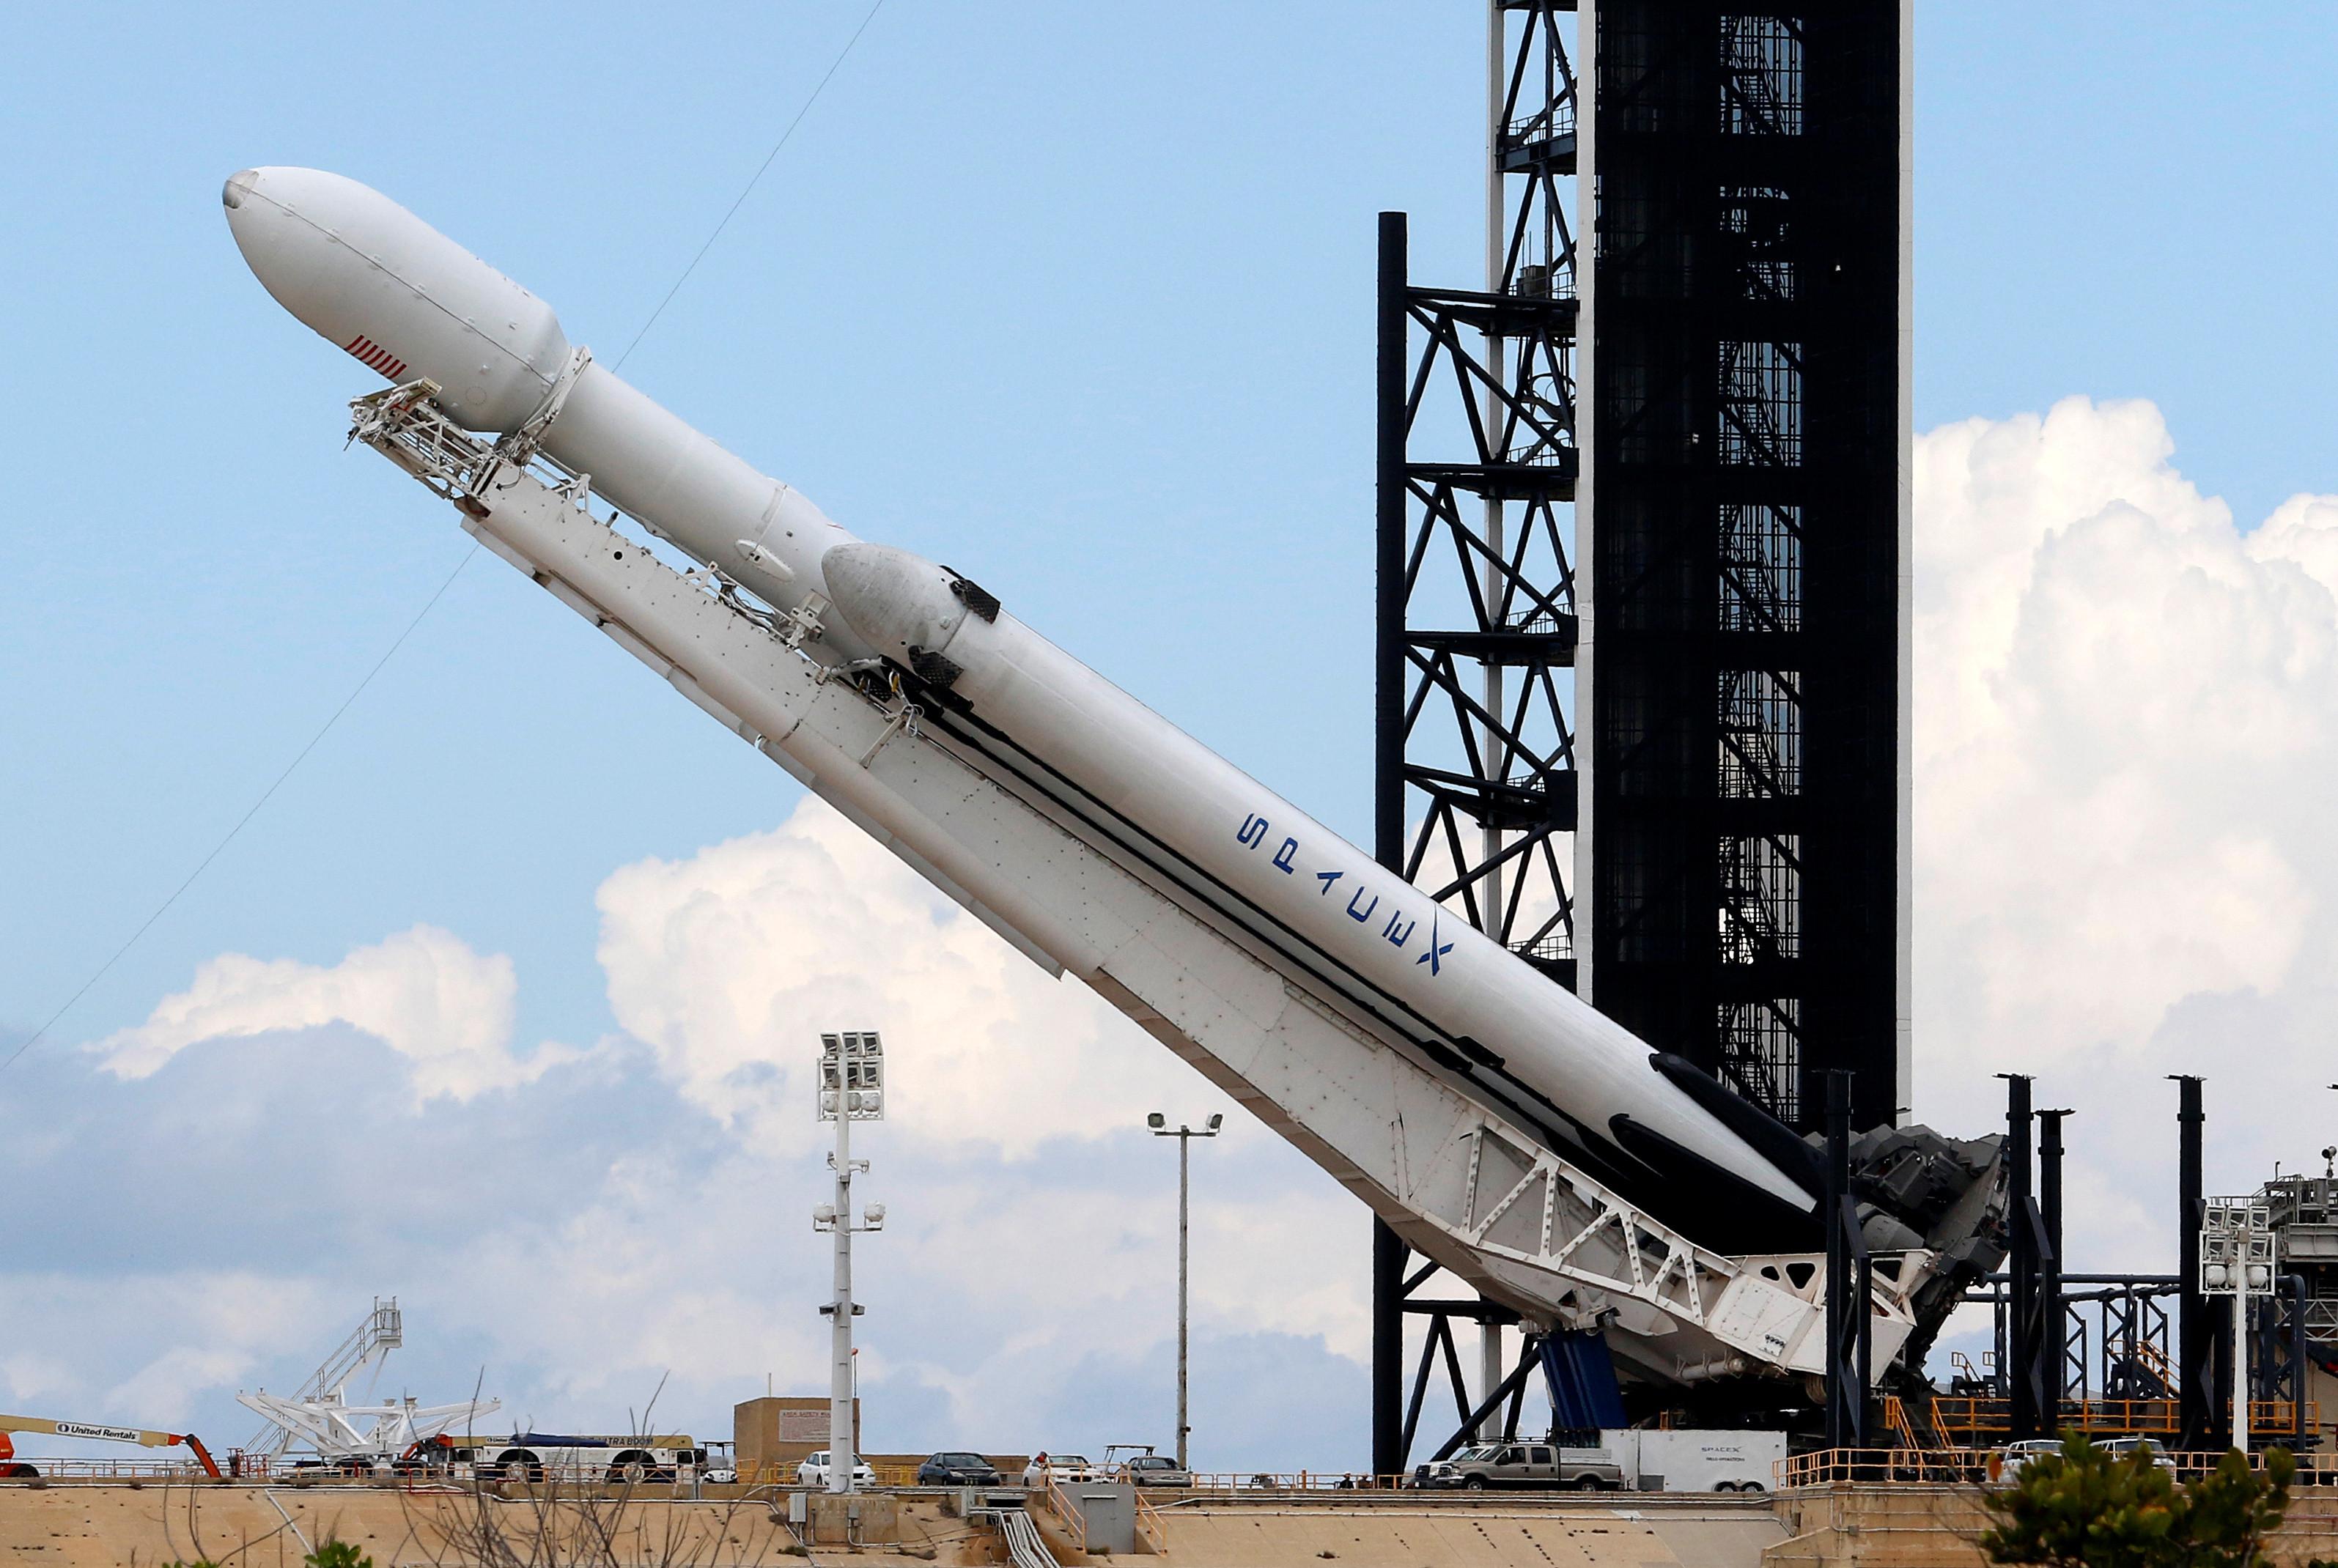 Ventos fortes levam a adiamento do lançamento da SpaceX